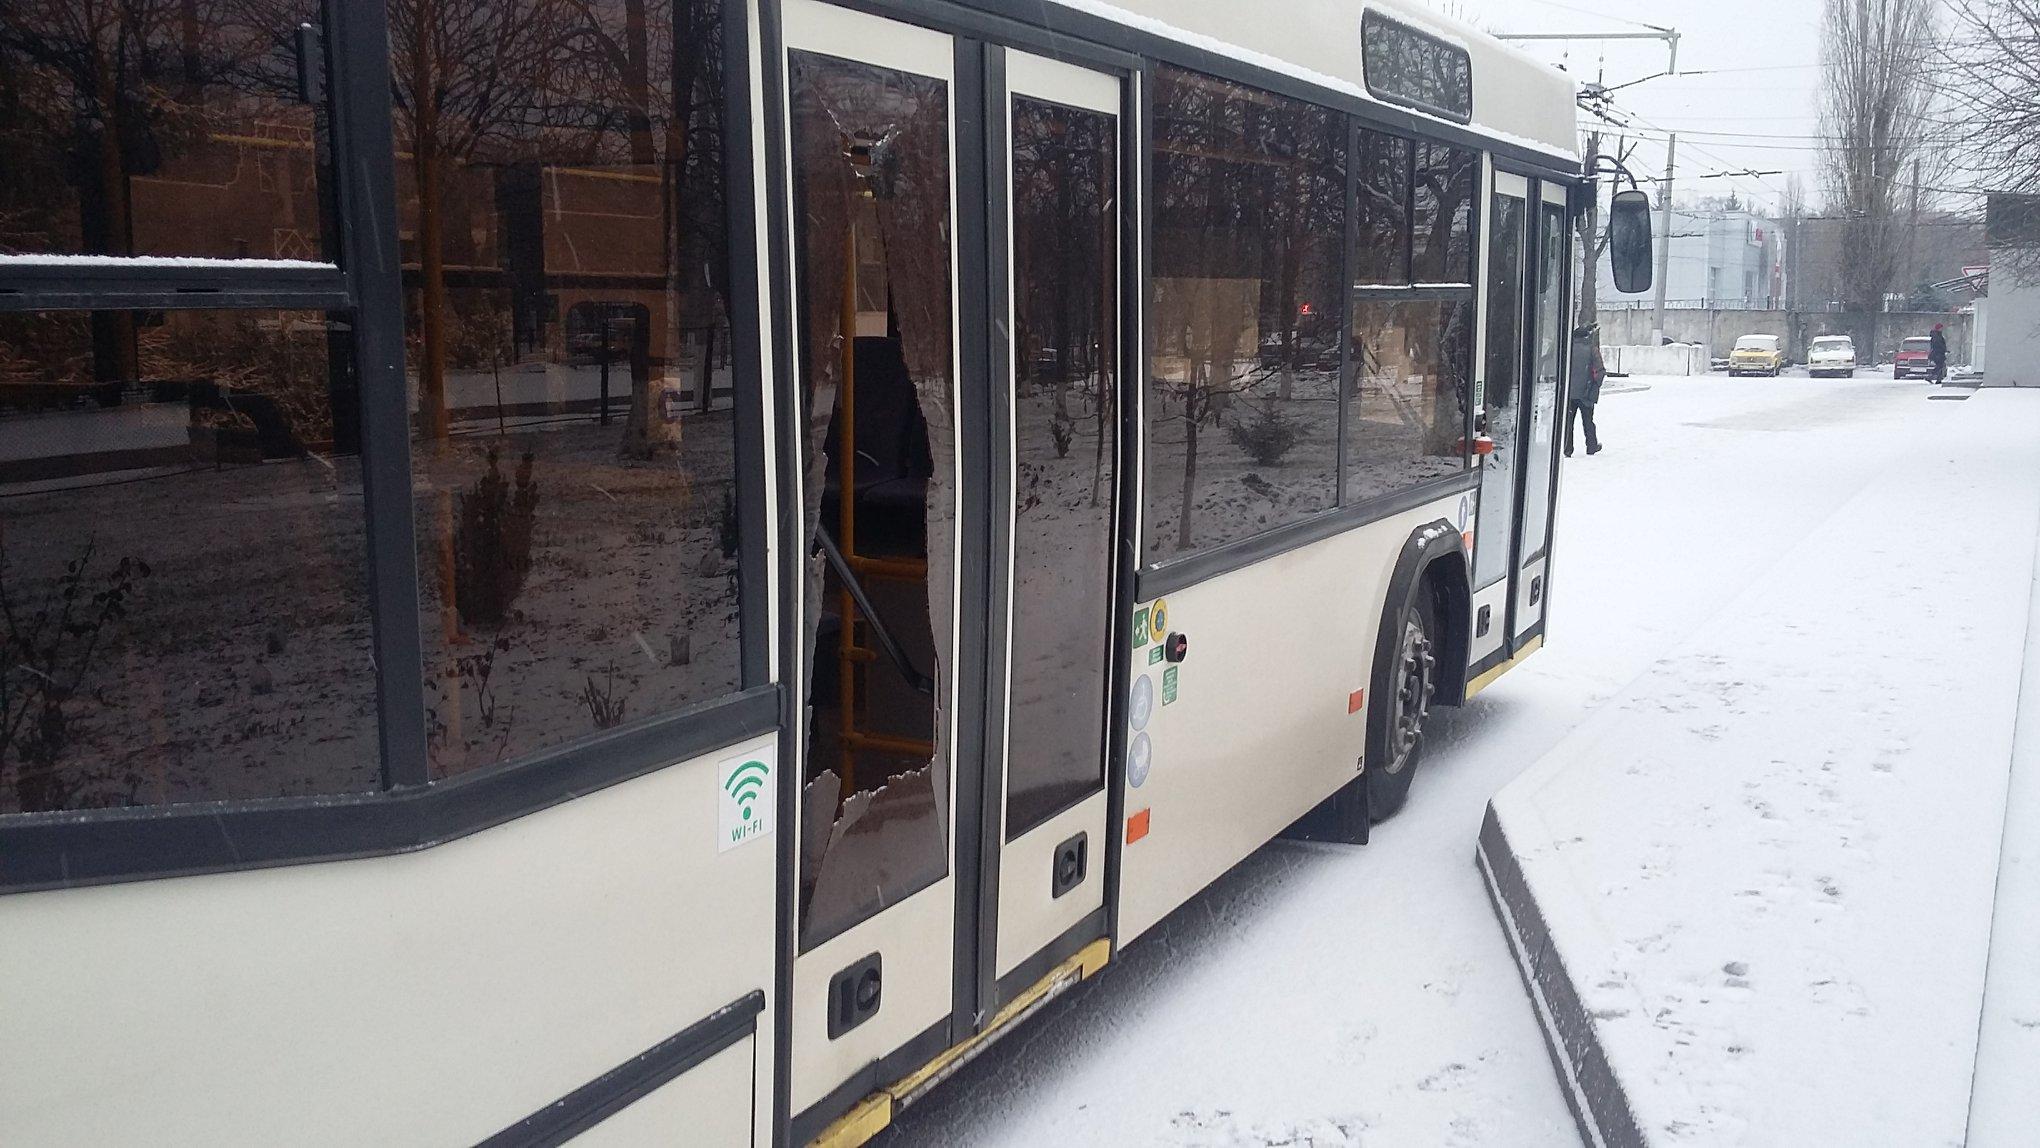 У Кропивницькому розбили скло в тролейбусі, який рухався по маршруту №9. ФОТО - 3 - Життя - Без Купюр